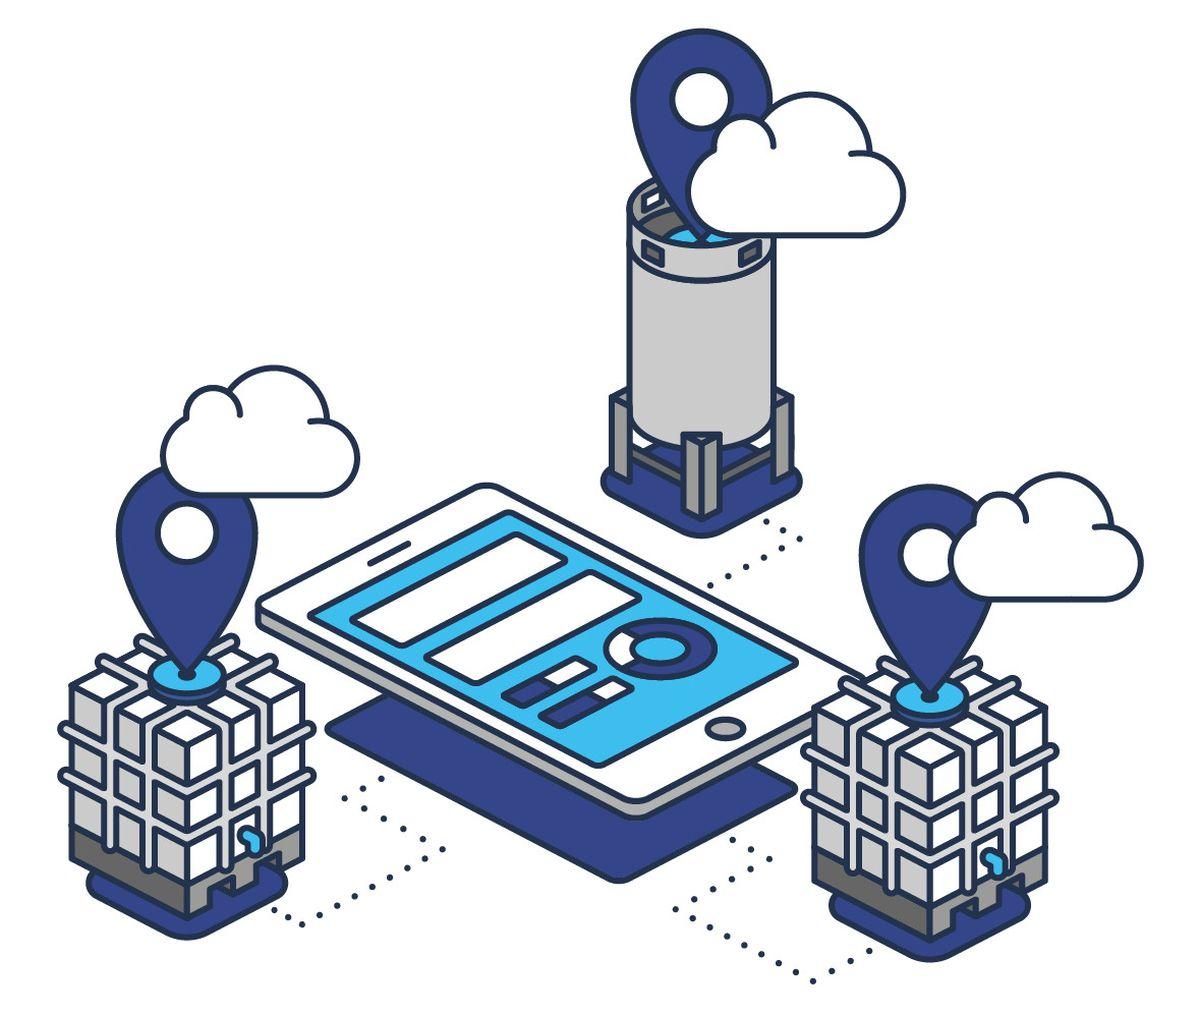 Schema-Darstellung IBC-Kreislauf mit Packwise Smart Cap (Abbildung: Packwise GmbH)